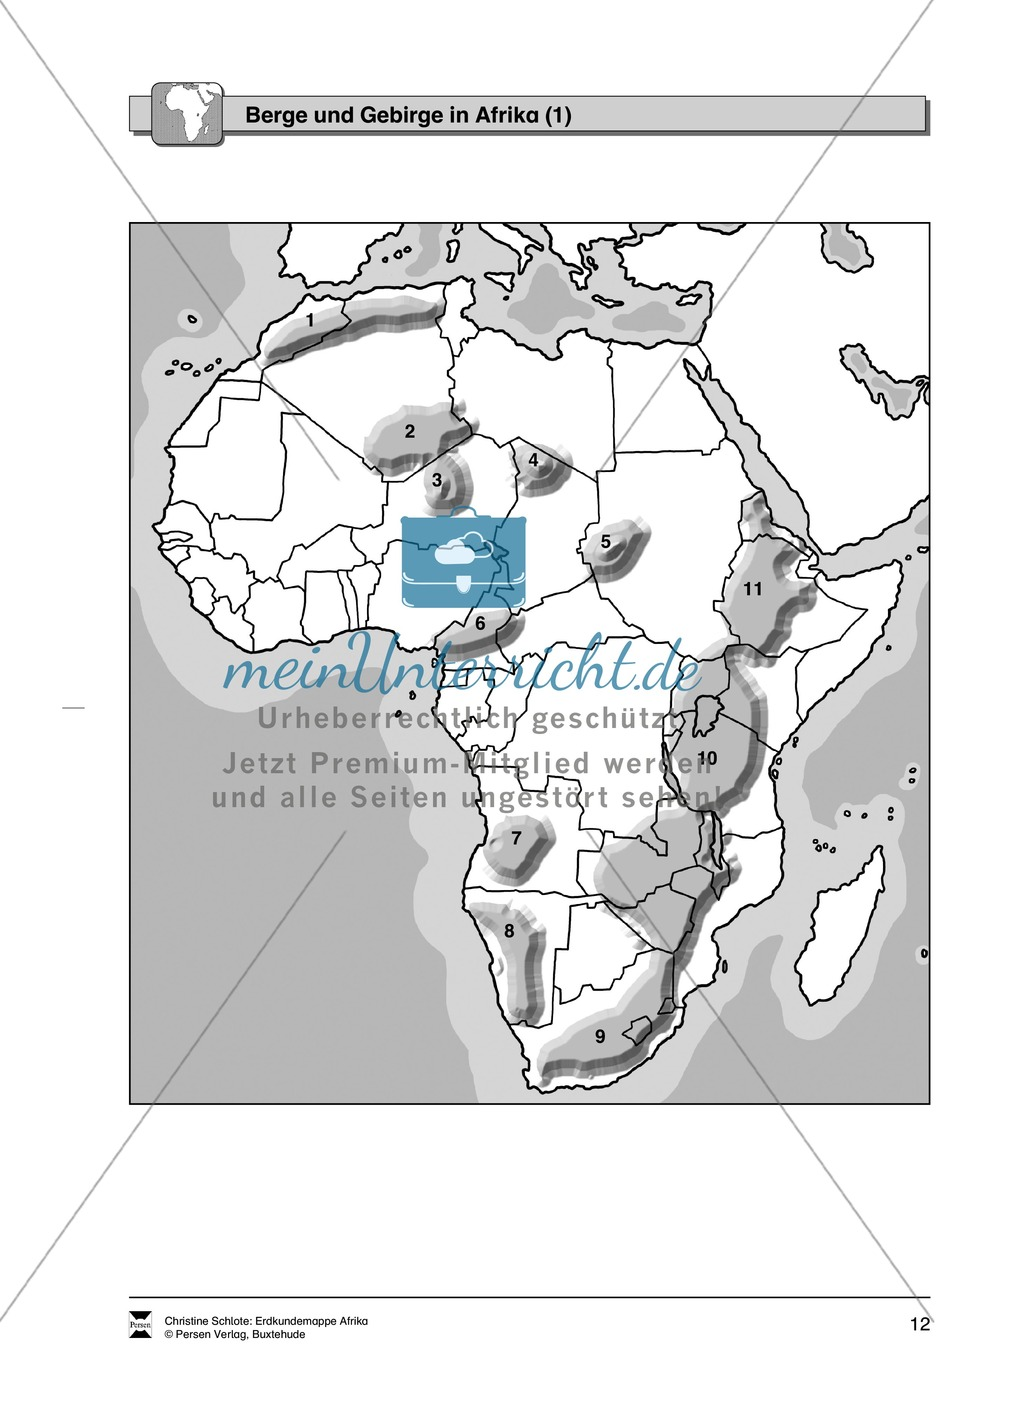 Die Topographie Afrikas spielerisch kennen lernen:Längen- und Breitenkreise + Flüsse und Seen + Berge und GEbirge Preview 3